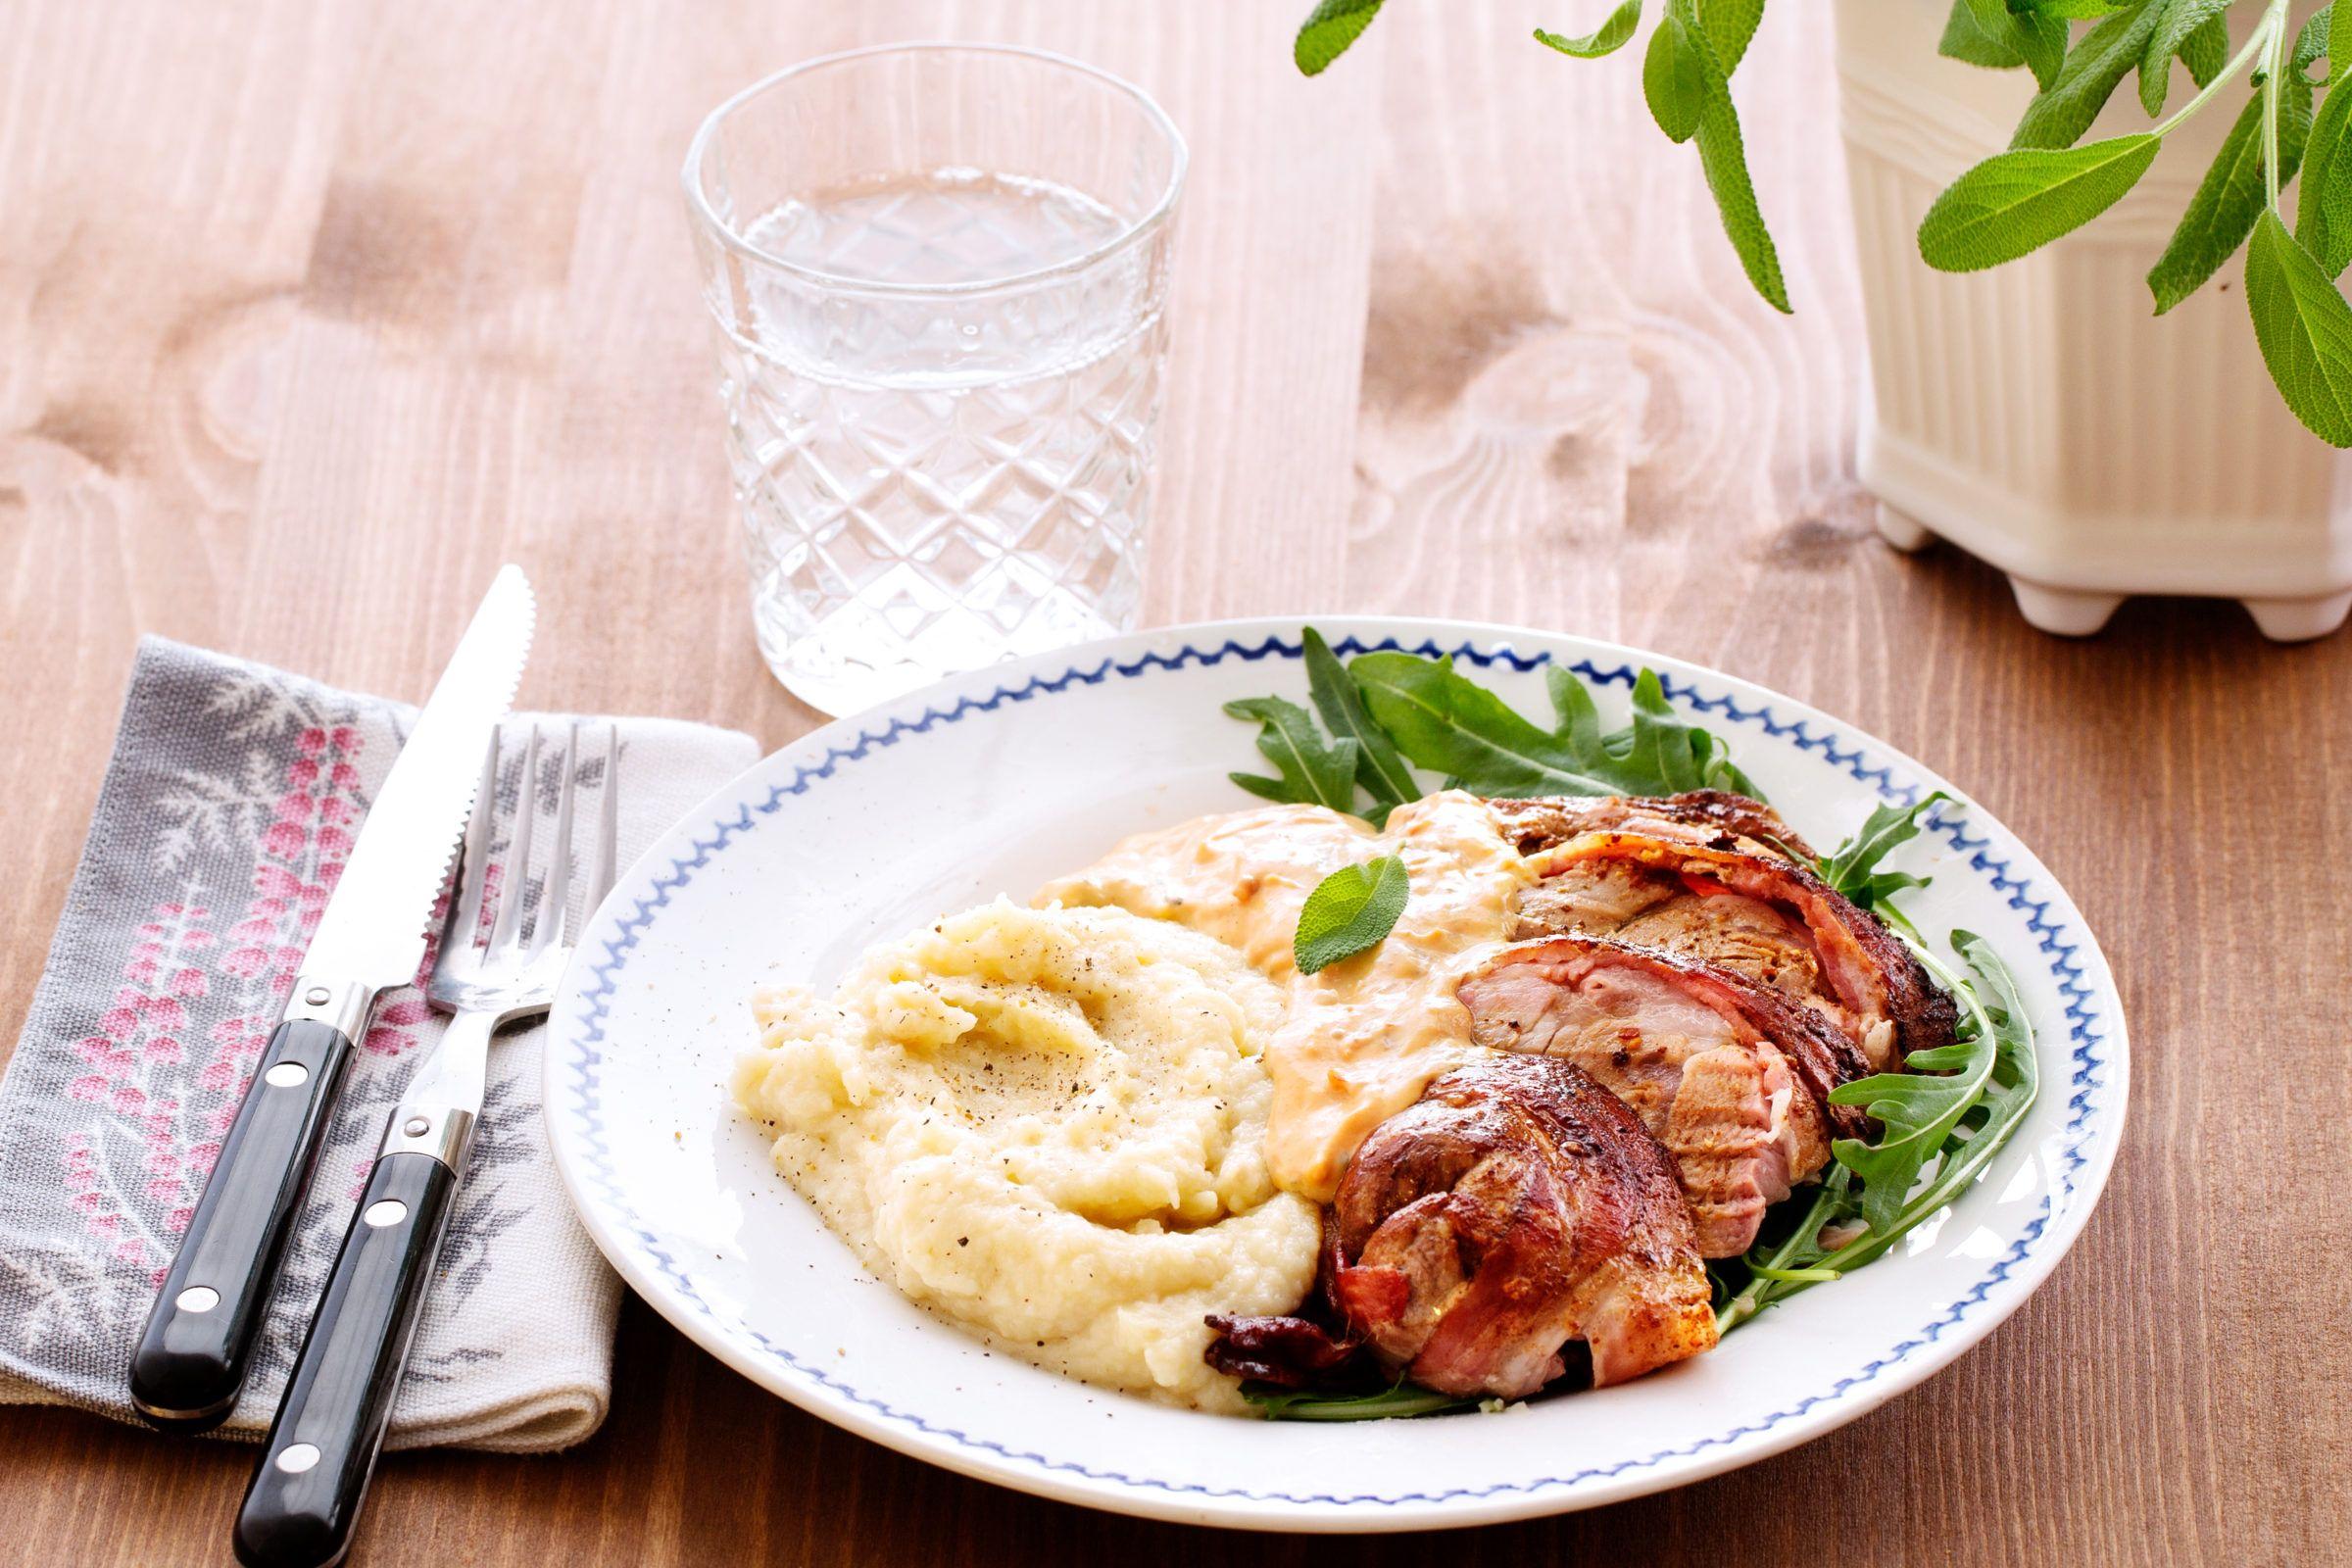 Baconlindad fläskfilé med vitlökspuré   Recept   Fläskfilé